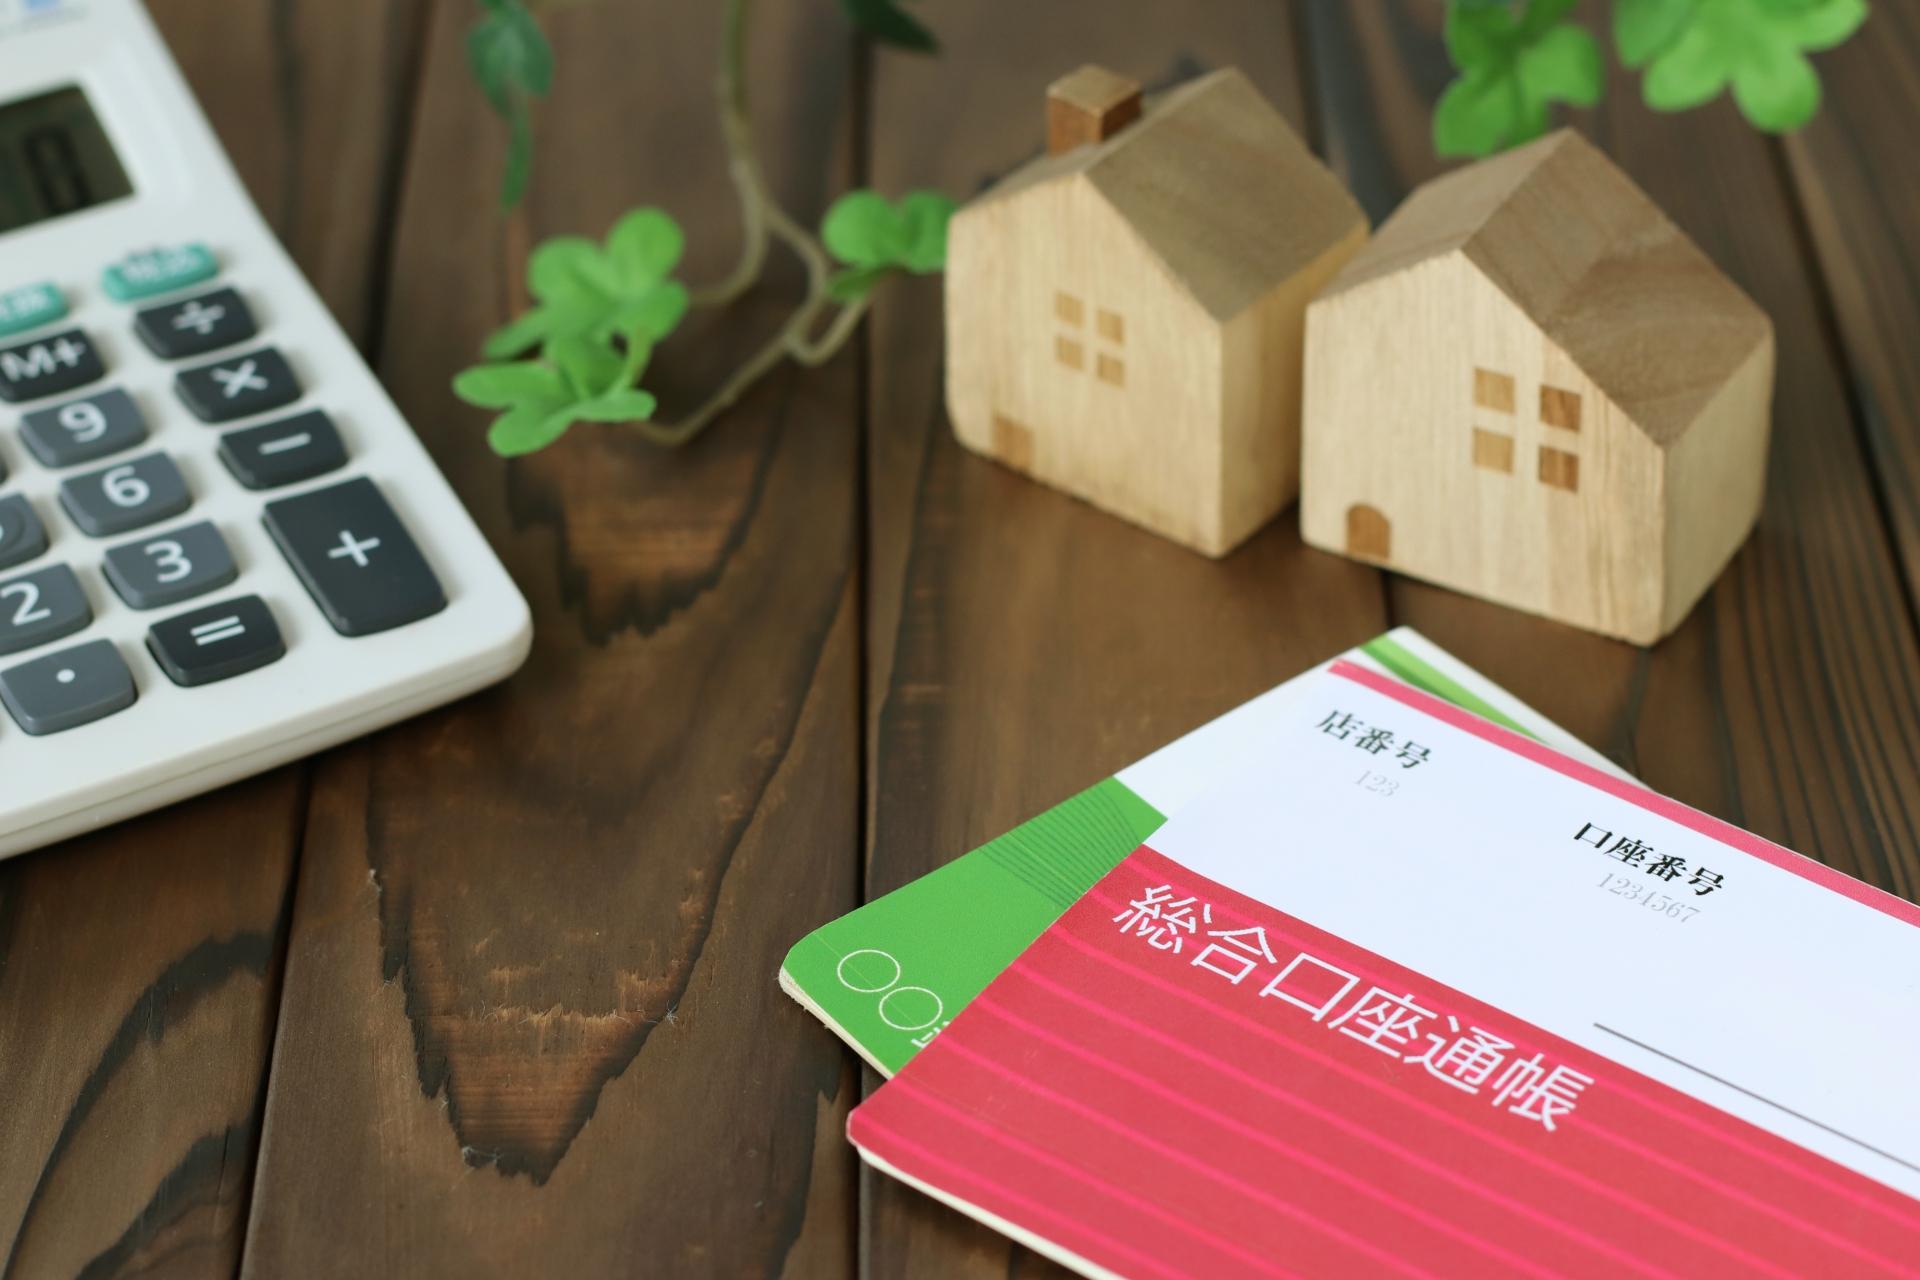 【増税でお得】消費税10%で賢くお得に家を建てる4つの制度